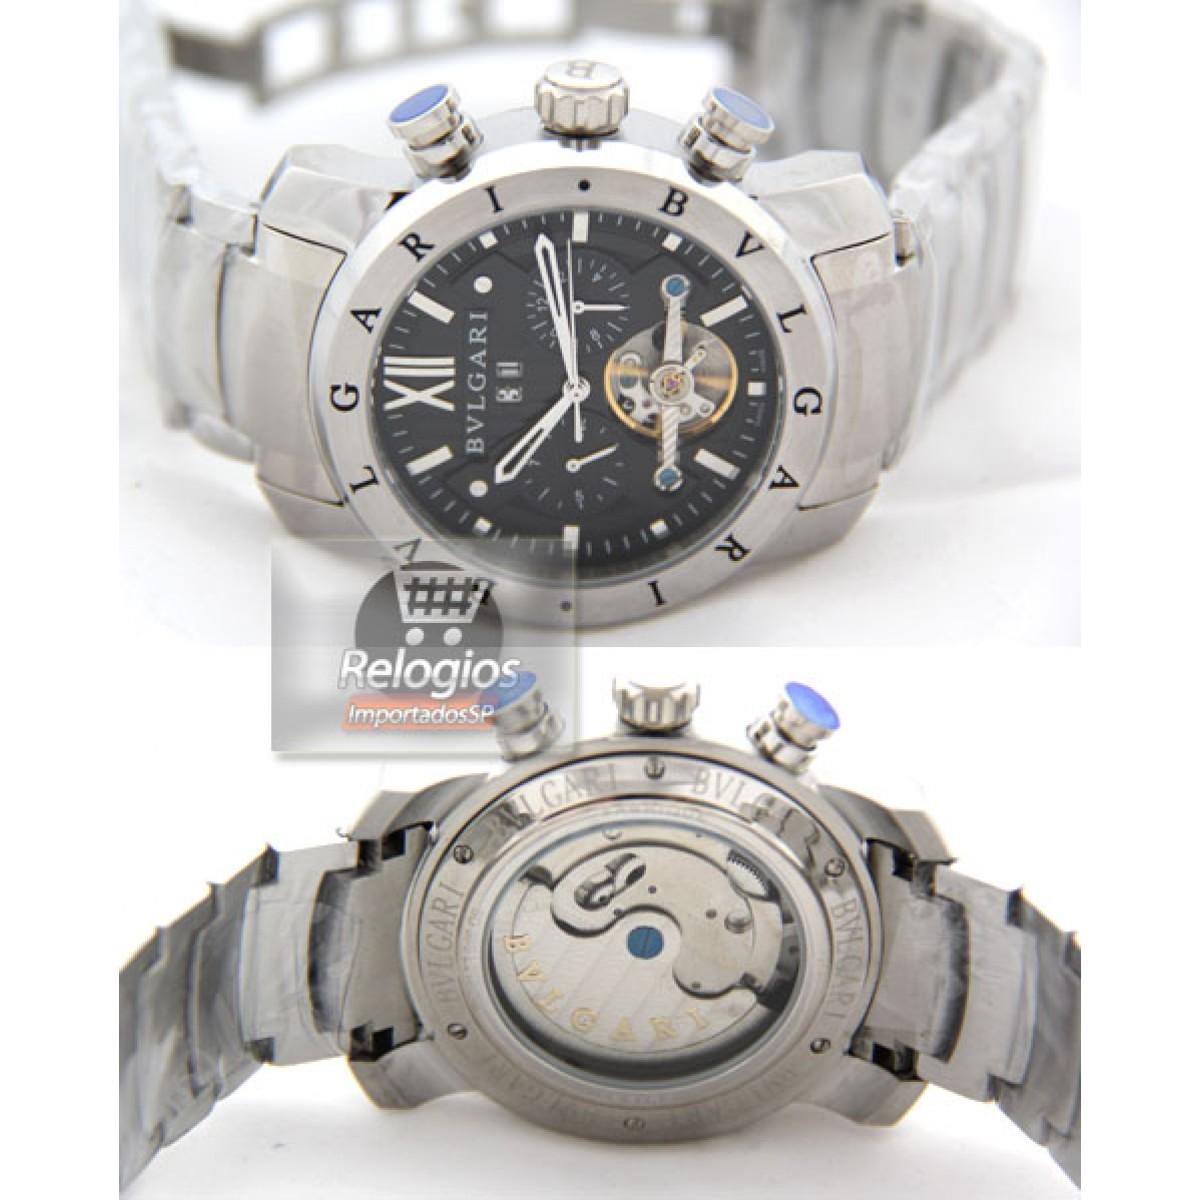 452e95c7c7eac Relógio Réplica Bulgari Homem de Ferro Prata Black